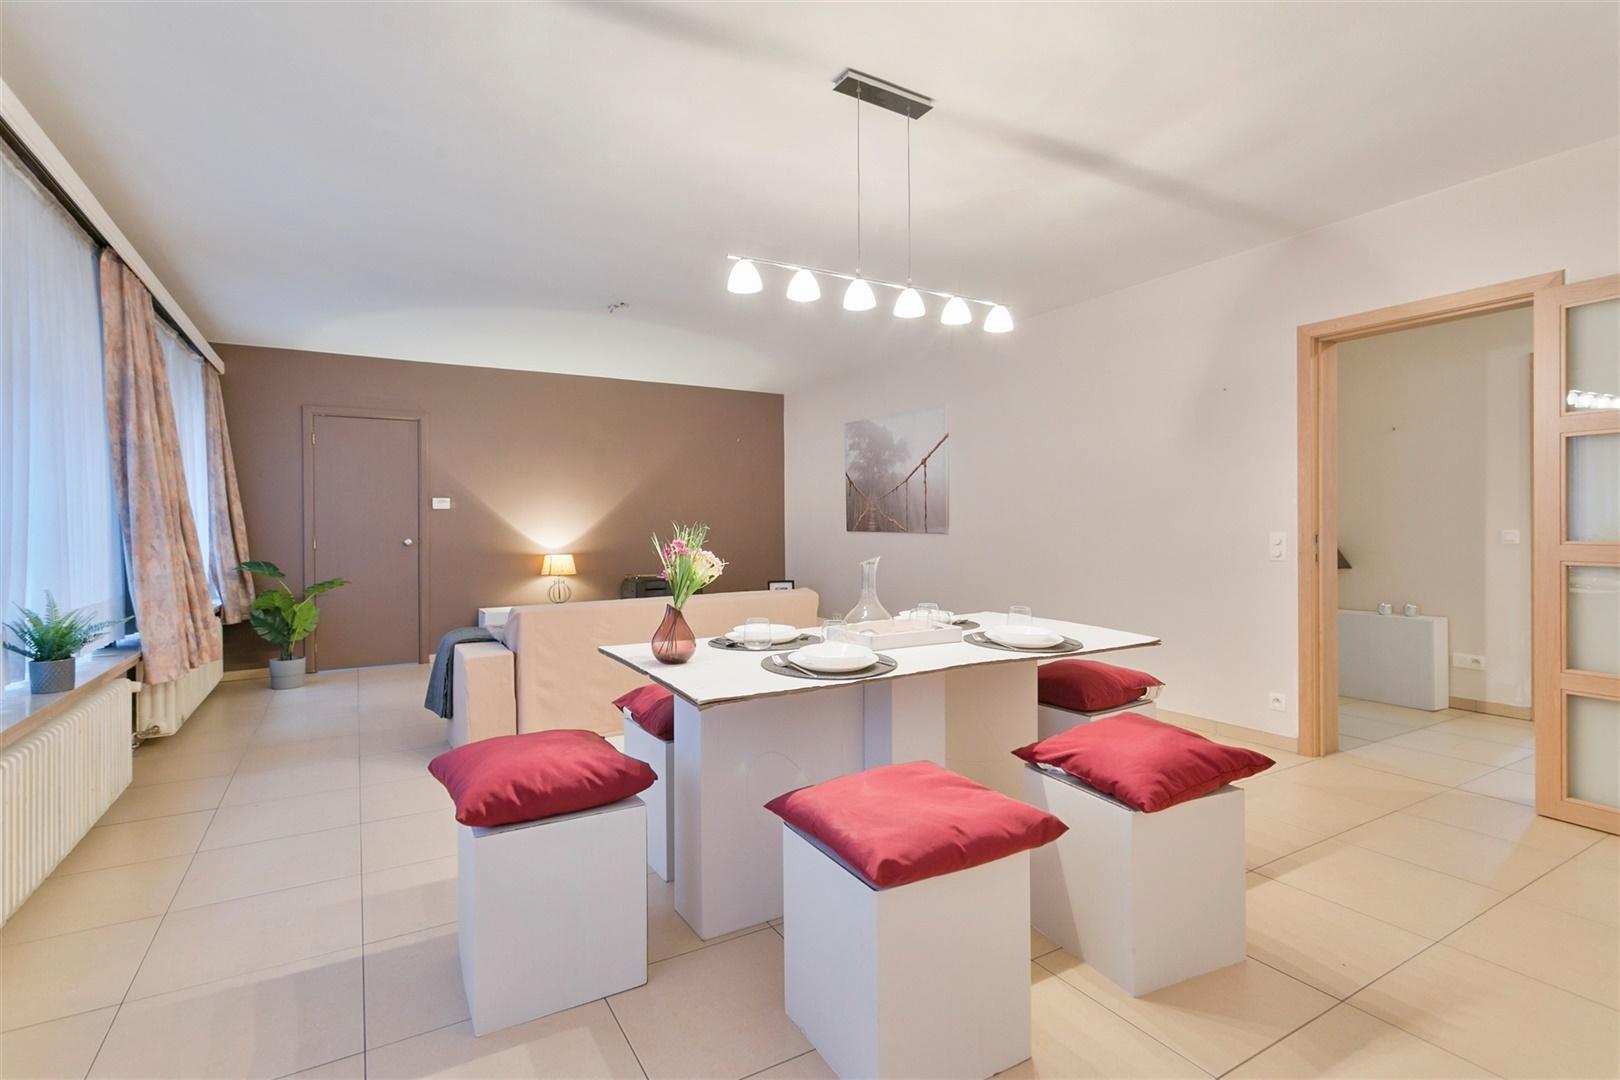 Lichtrijk appartement met 3 slaapkamers in centrum Gent